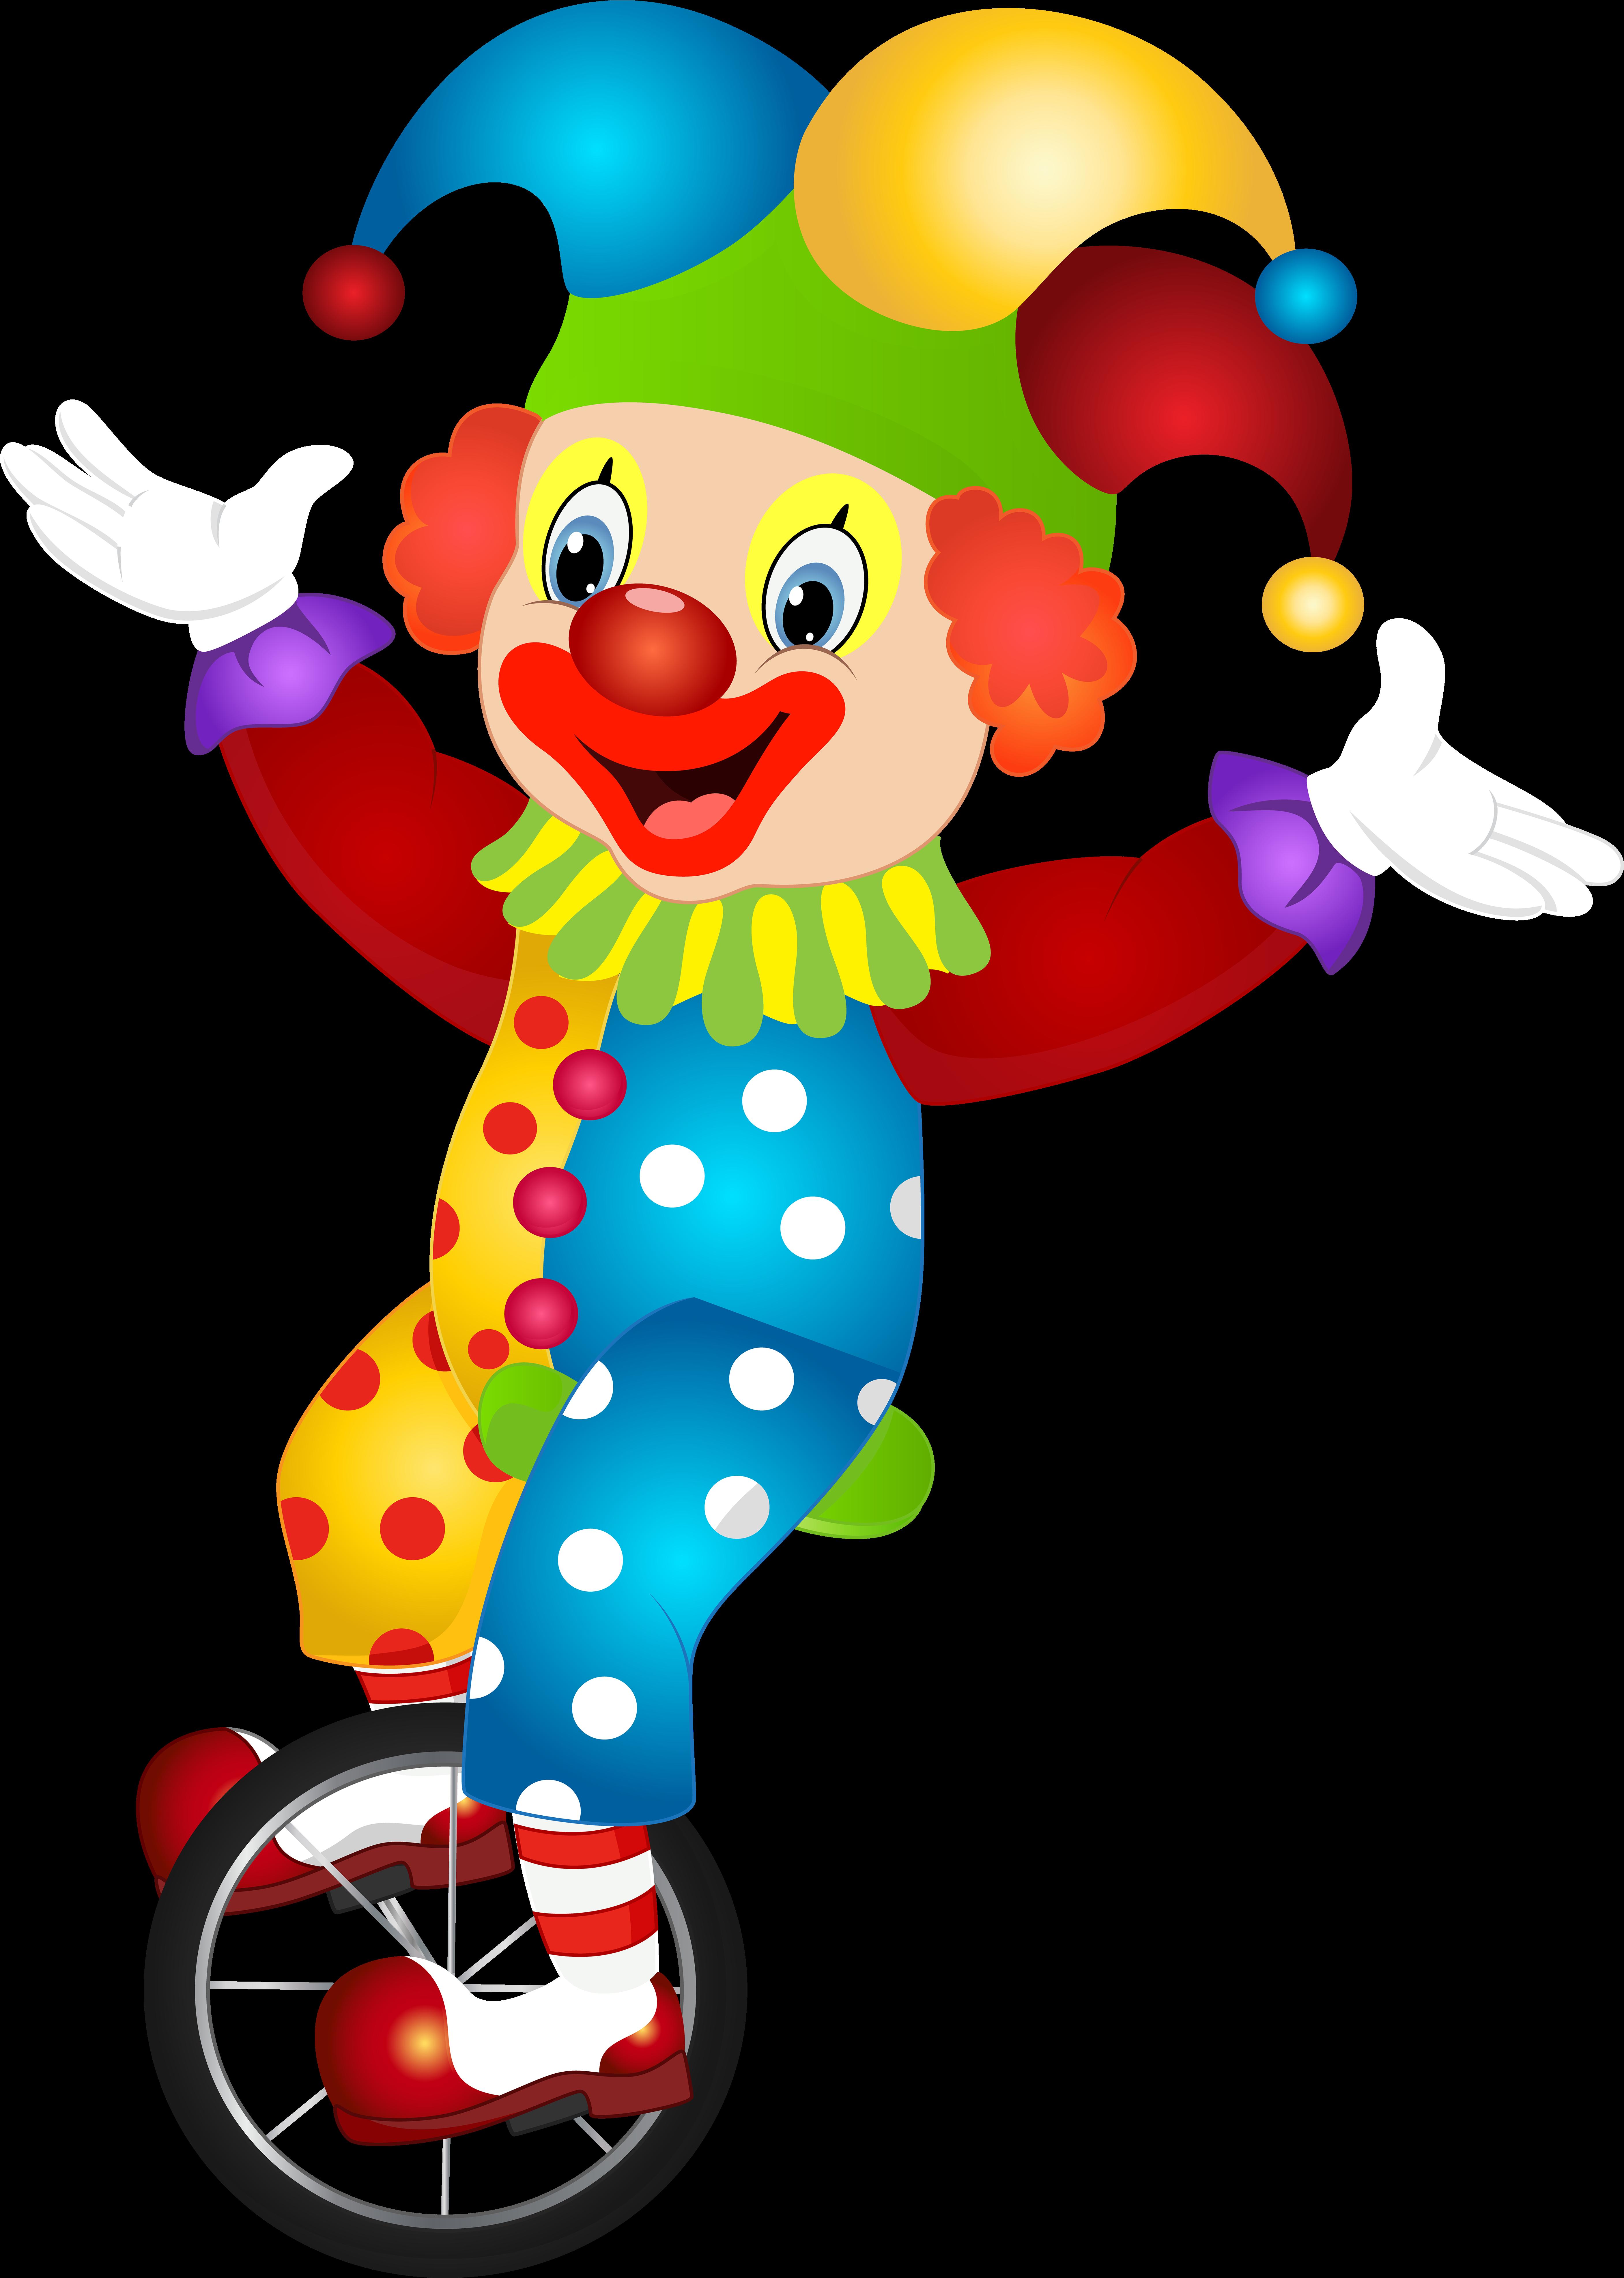 Смешные рисунки клоунов, открытки бумаги